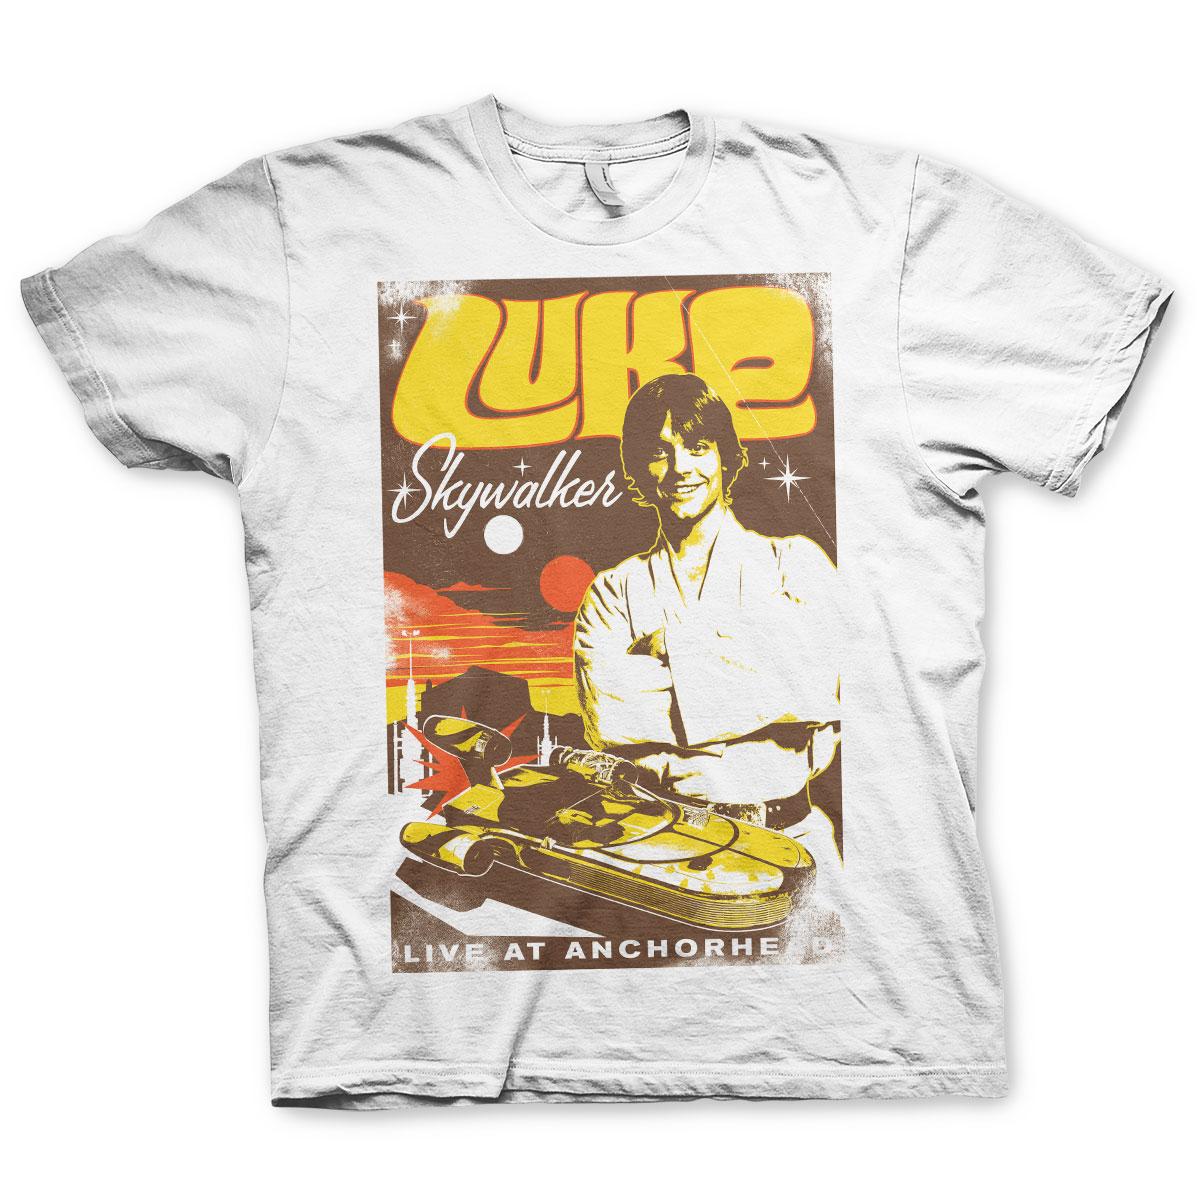 Luke Skywalker - Live At Anchorhead T-Shirt